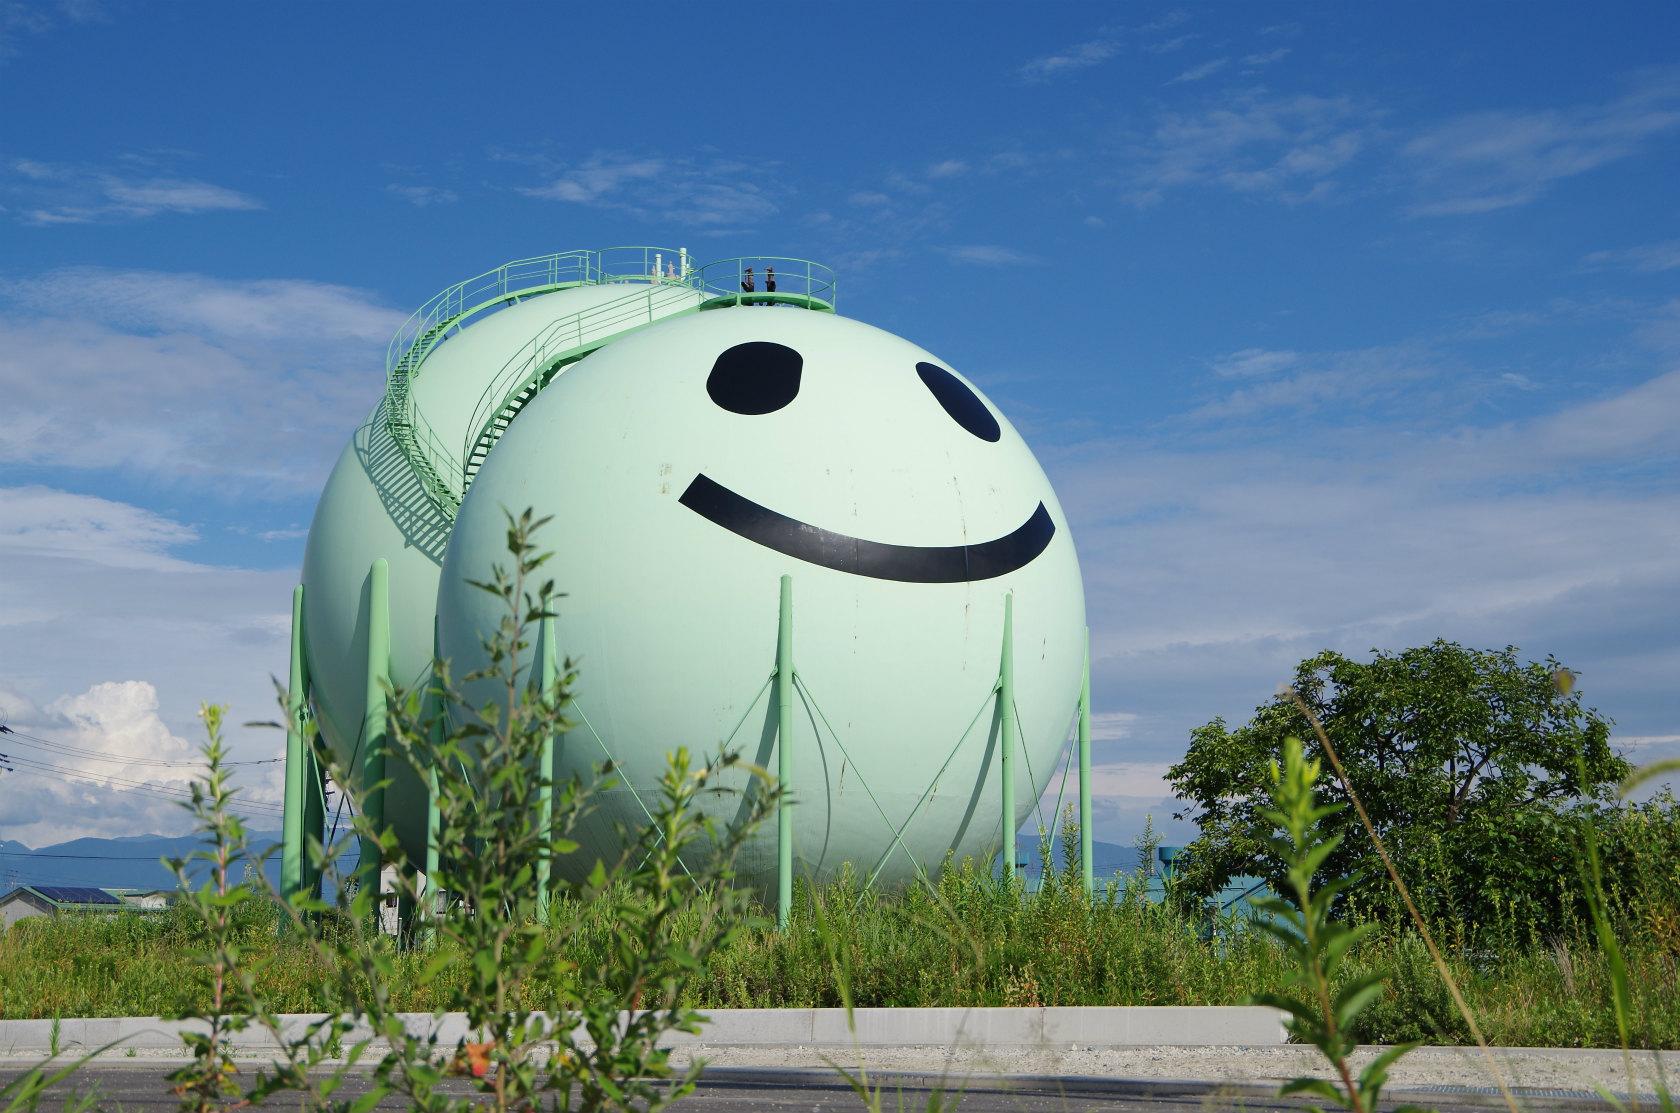 新発田市の「顔」!?「ニコタン」の笑顔がカワイイ ...